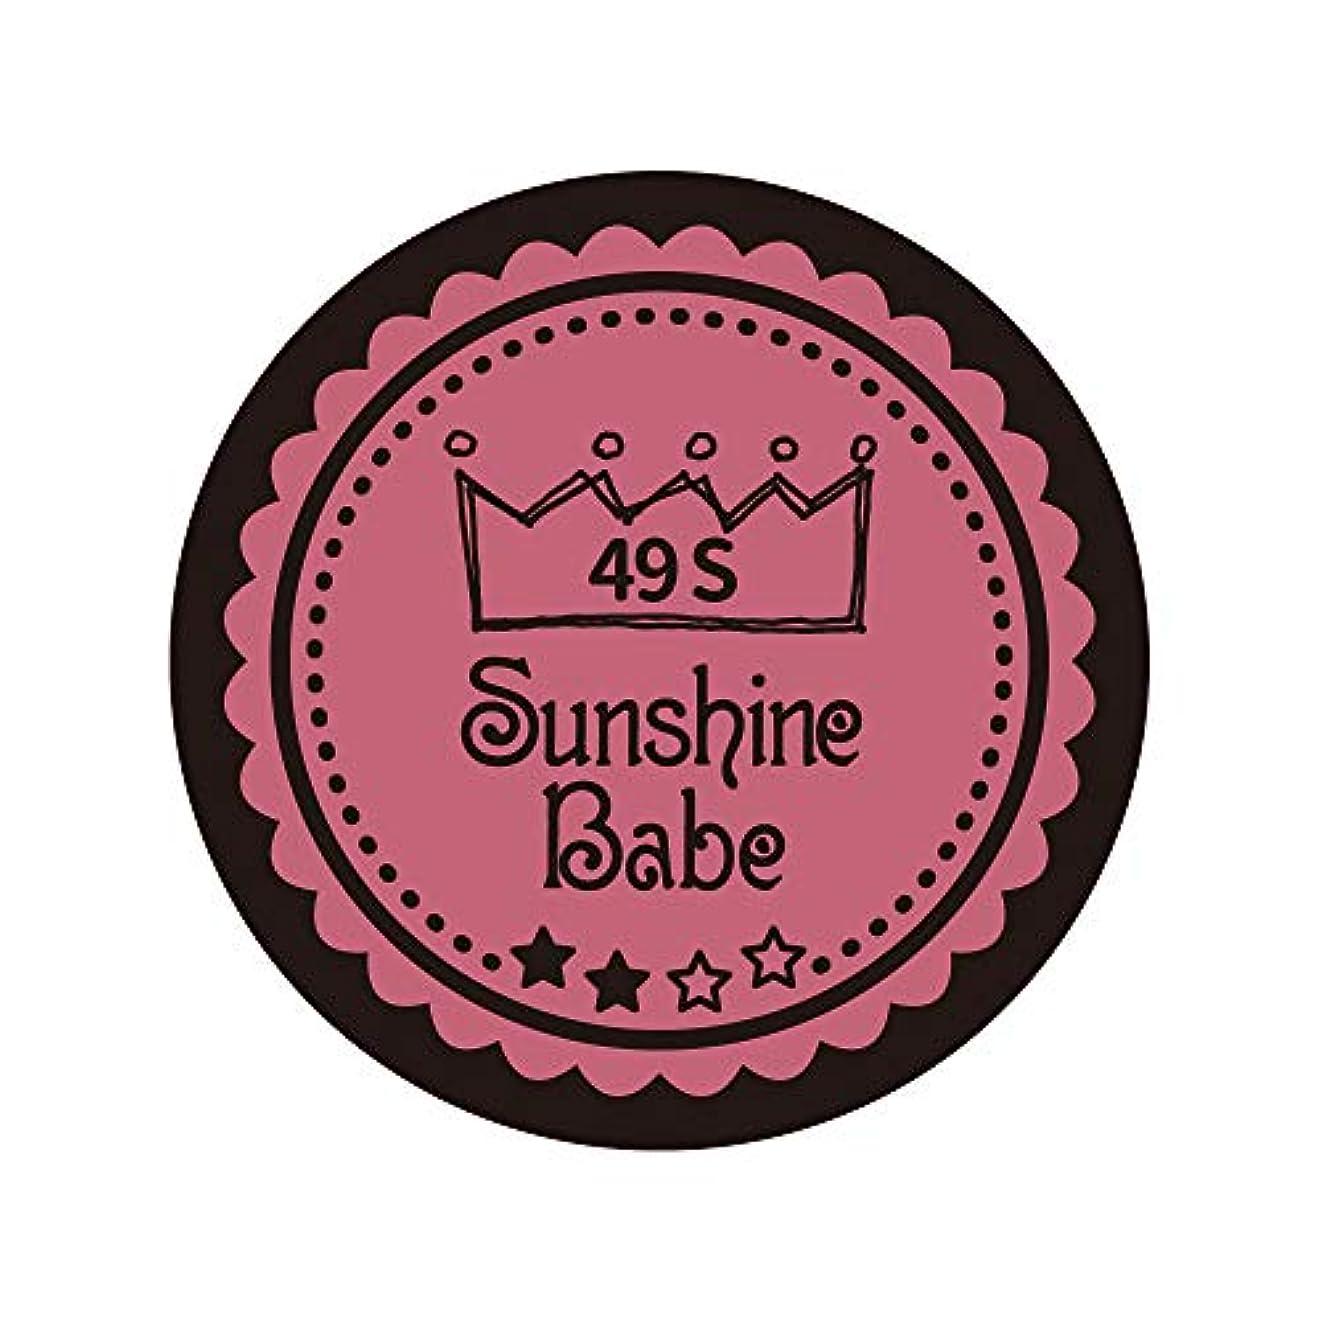 削減ブーム置くためにパックSunshine Babe カラージェル 49S カシミアピンク 2.7g UV/LED対応